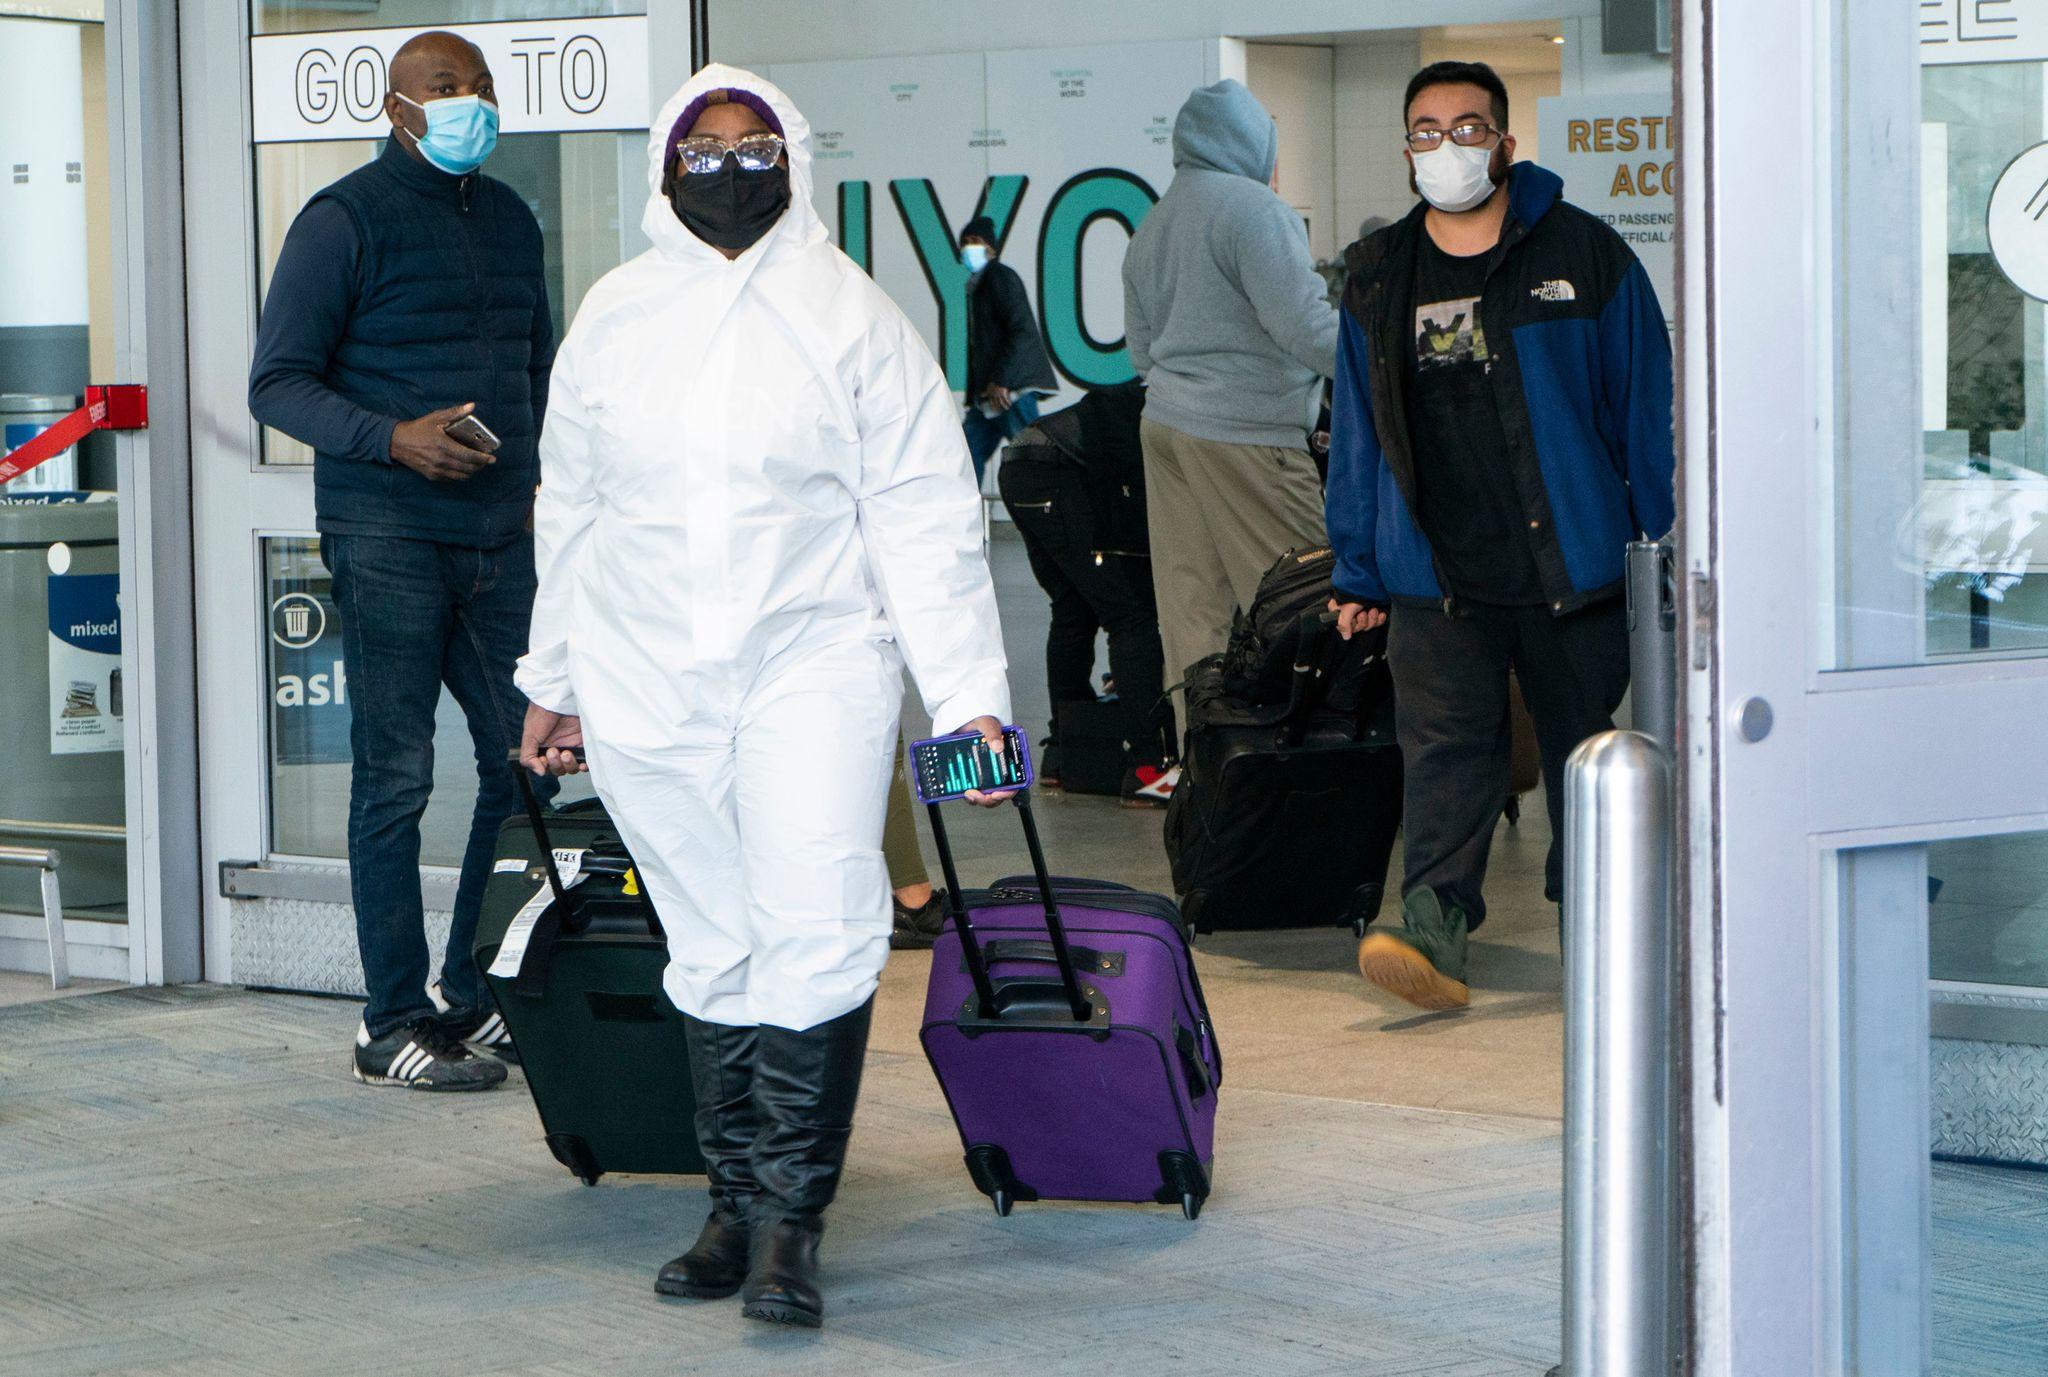 مسافر پس از فرود در فرودگاه نیویورک.